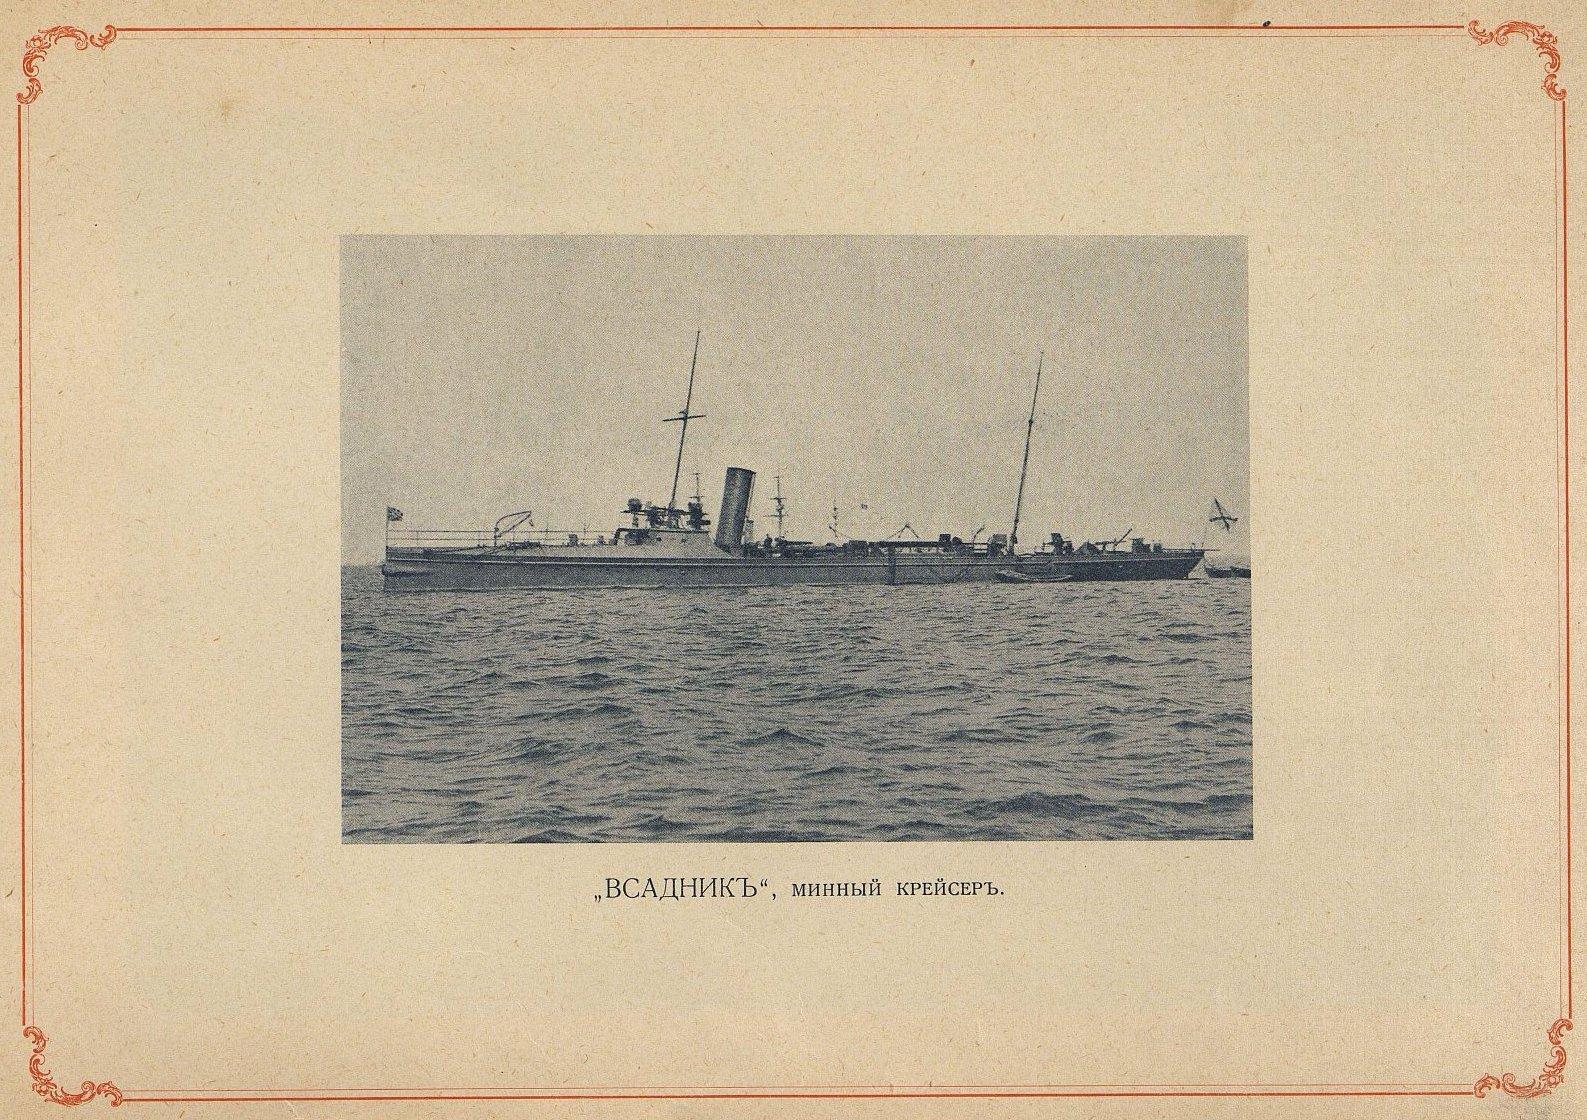 Минный крейсер «Всадник»